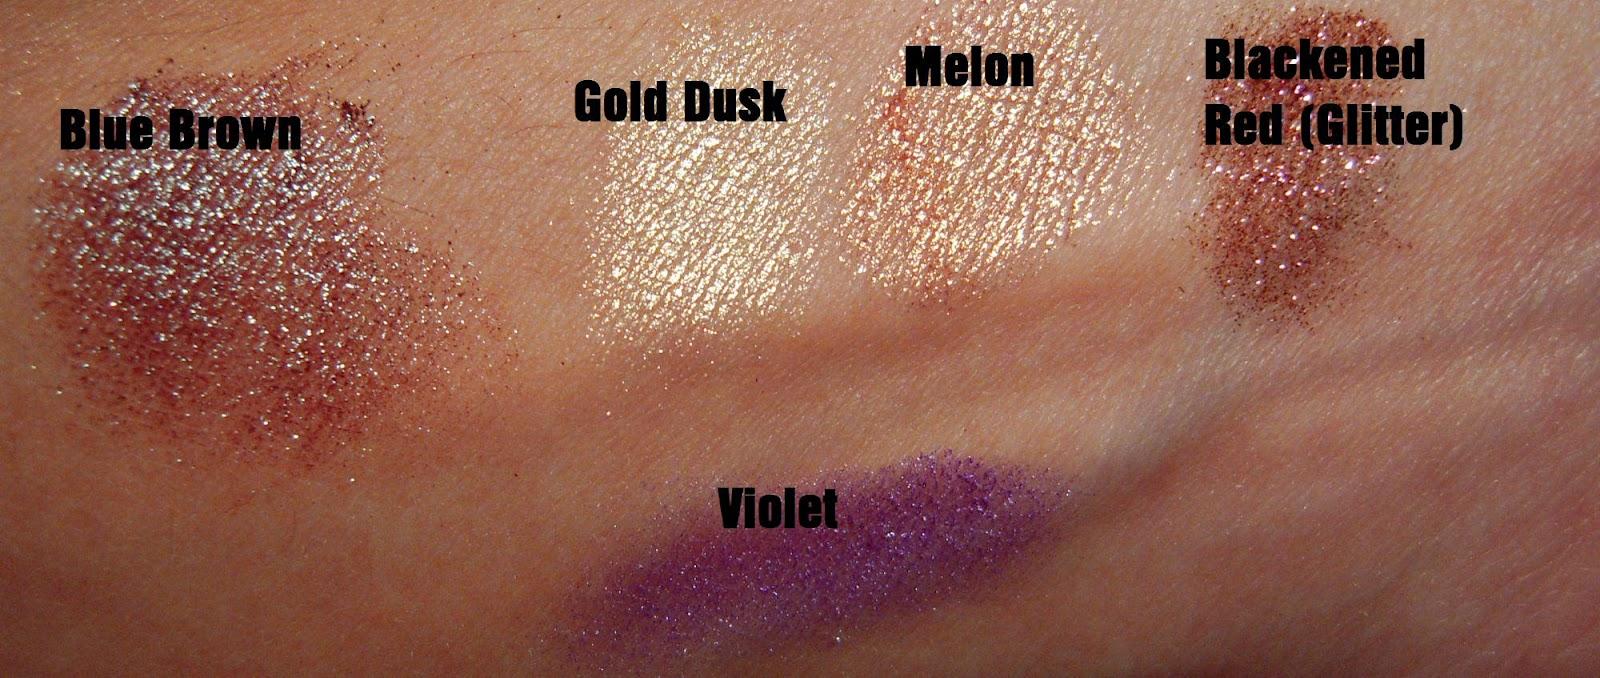 Eliminazione distituto di bellezza di posti di pigmentary